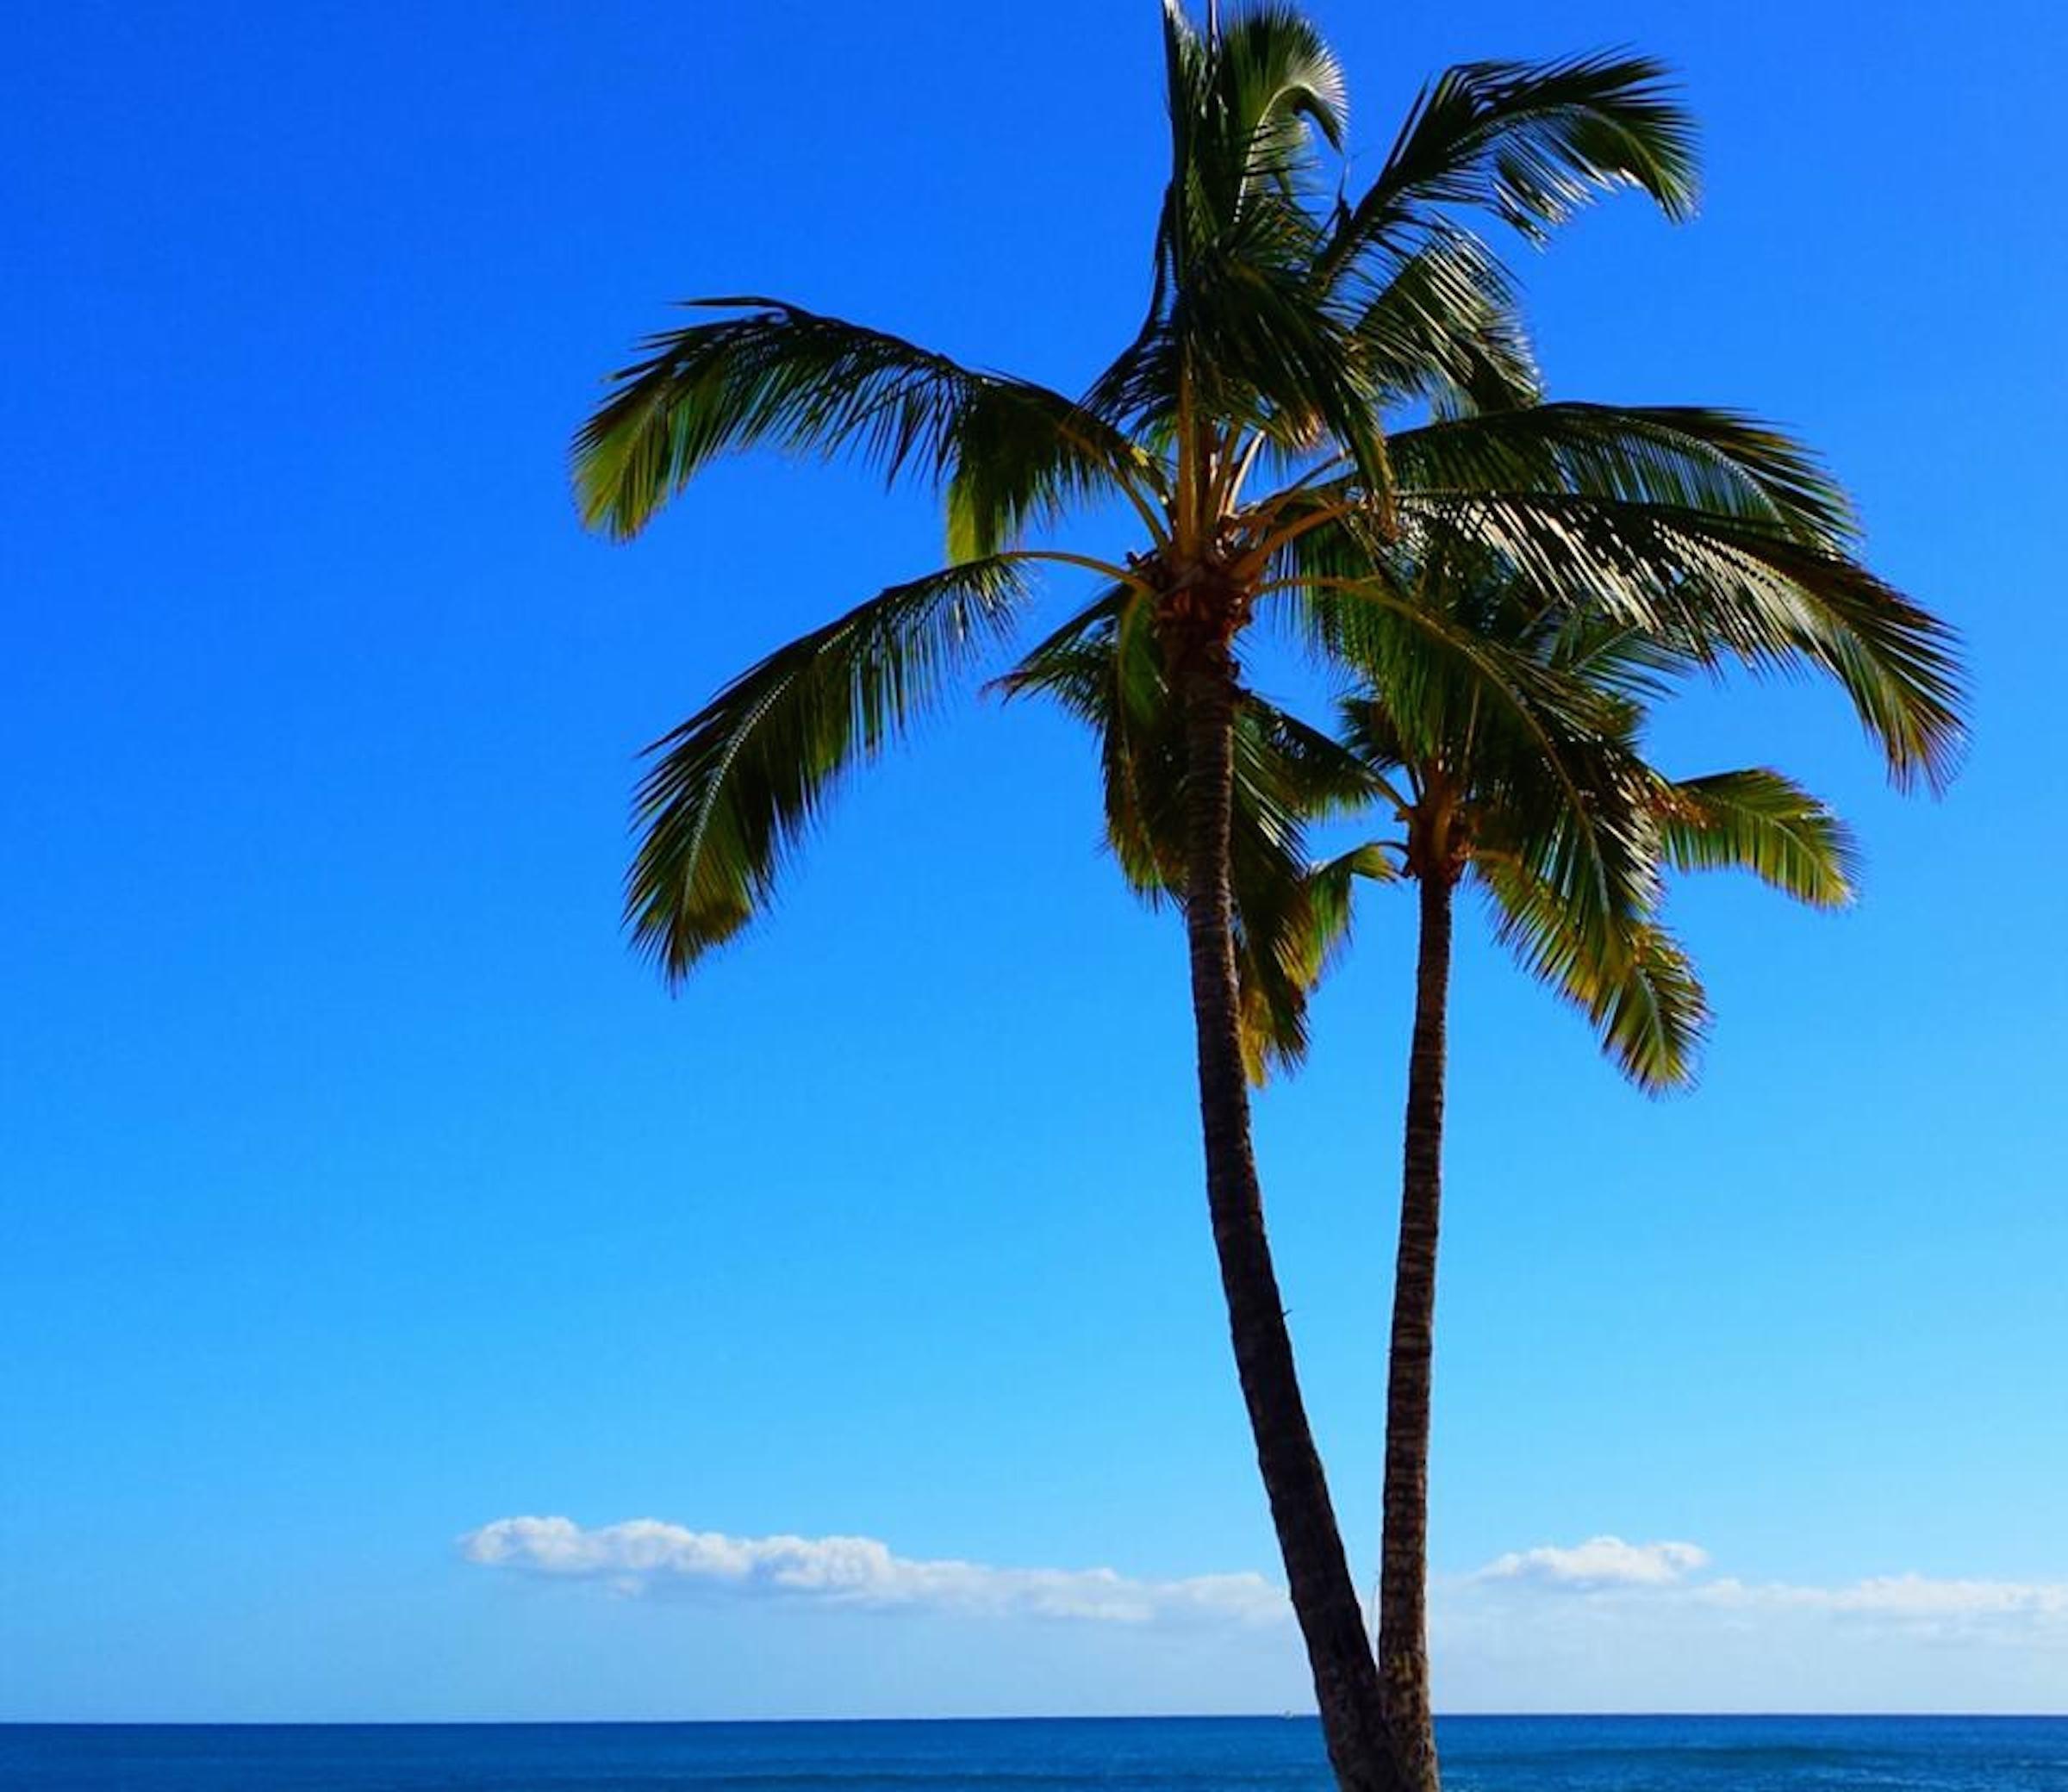 пальмы картинки больших размеров случая